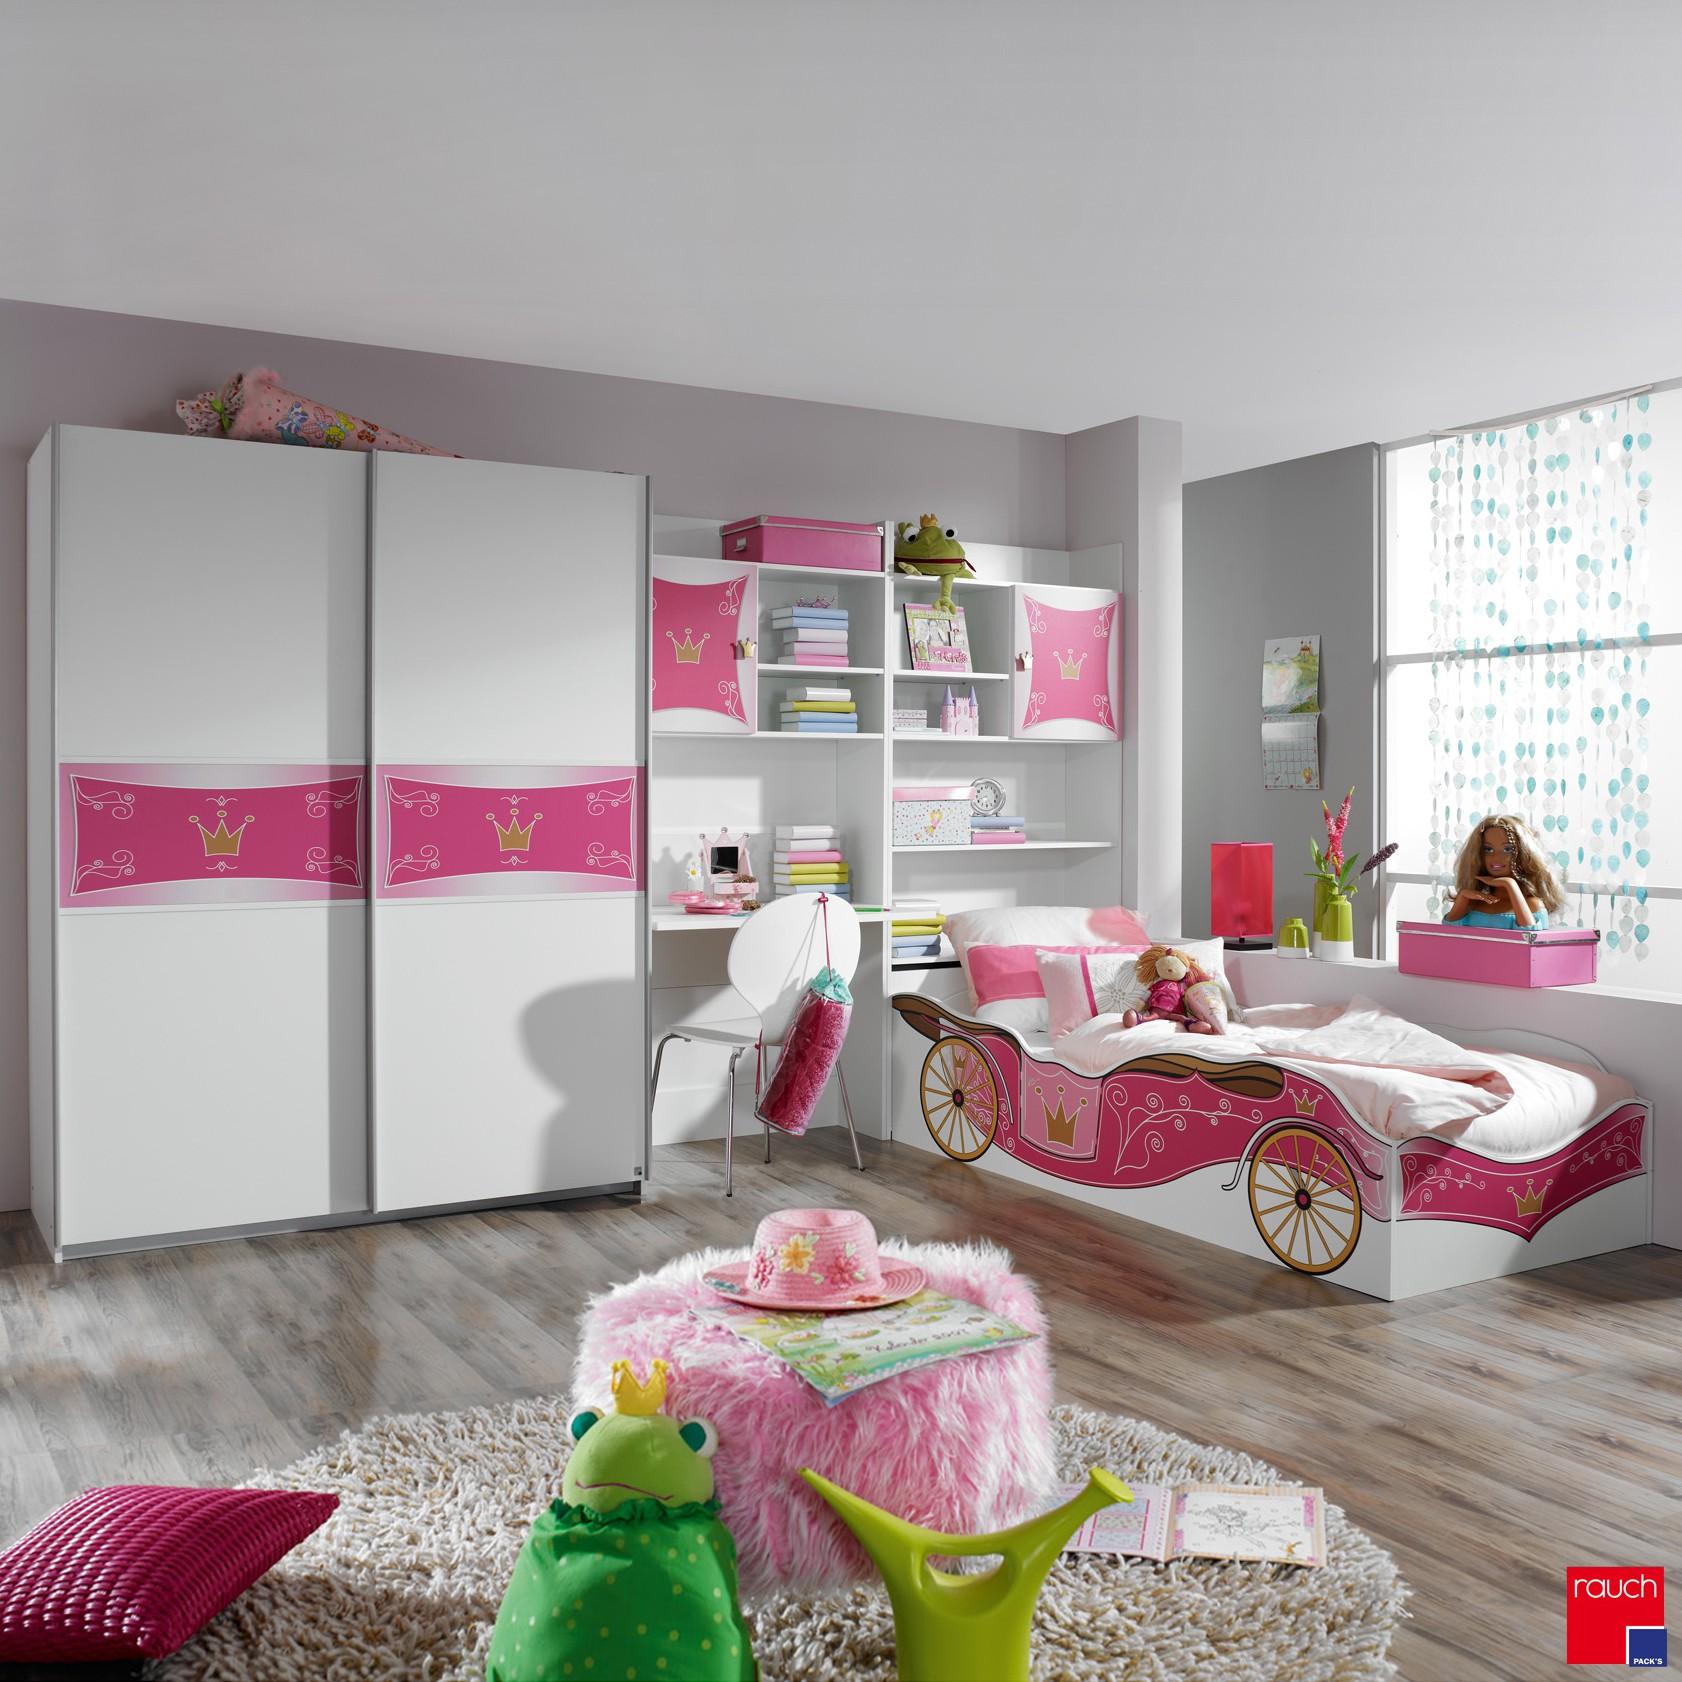 Kinderzimmerset Kate Prinzessinnen (4-teilig) – Schwebetürenschrank, Bett & Regalwand – Alpinweiß/Rosa, Rauch Pack´s bestellen